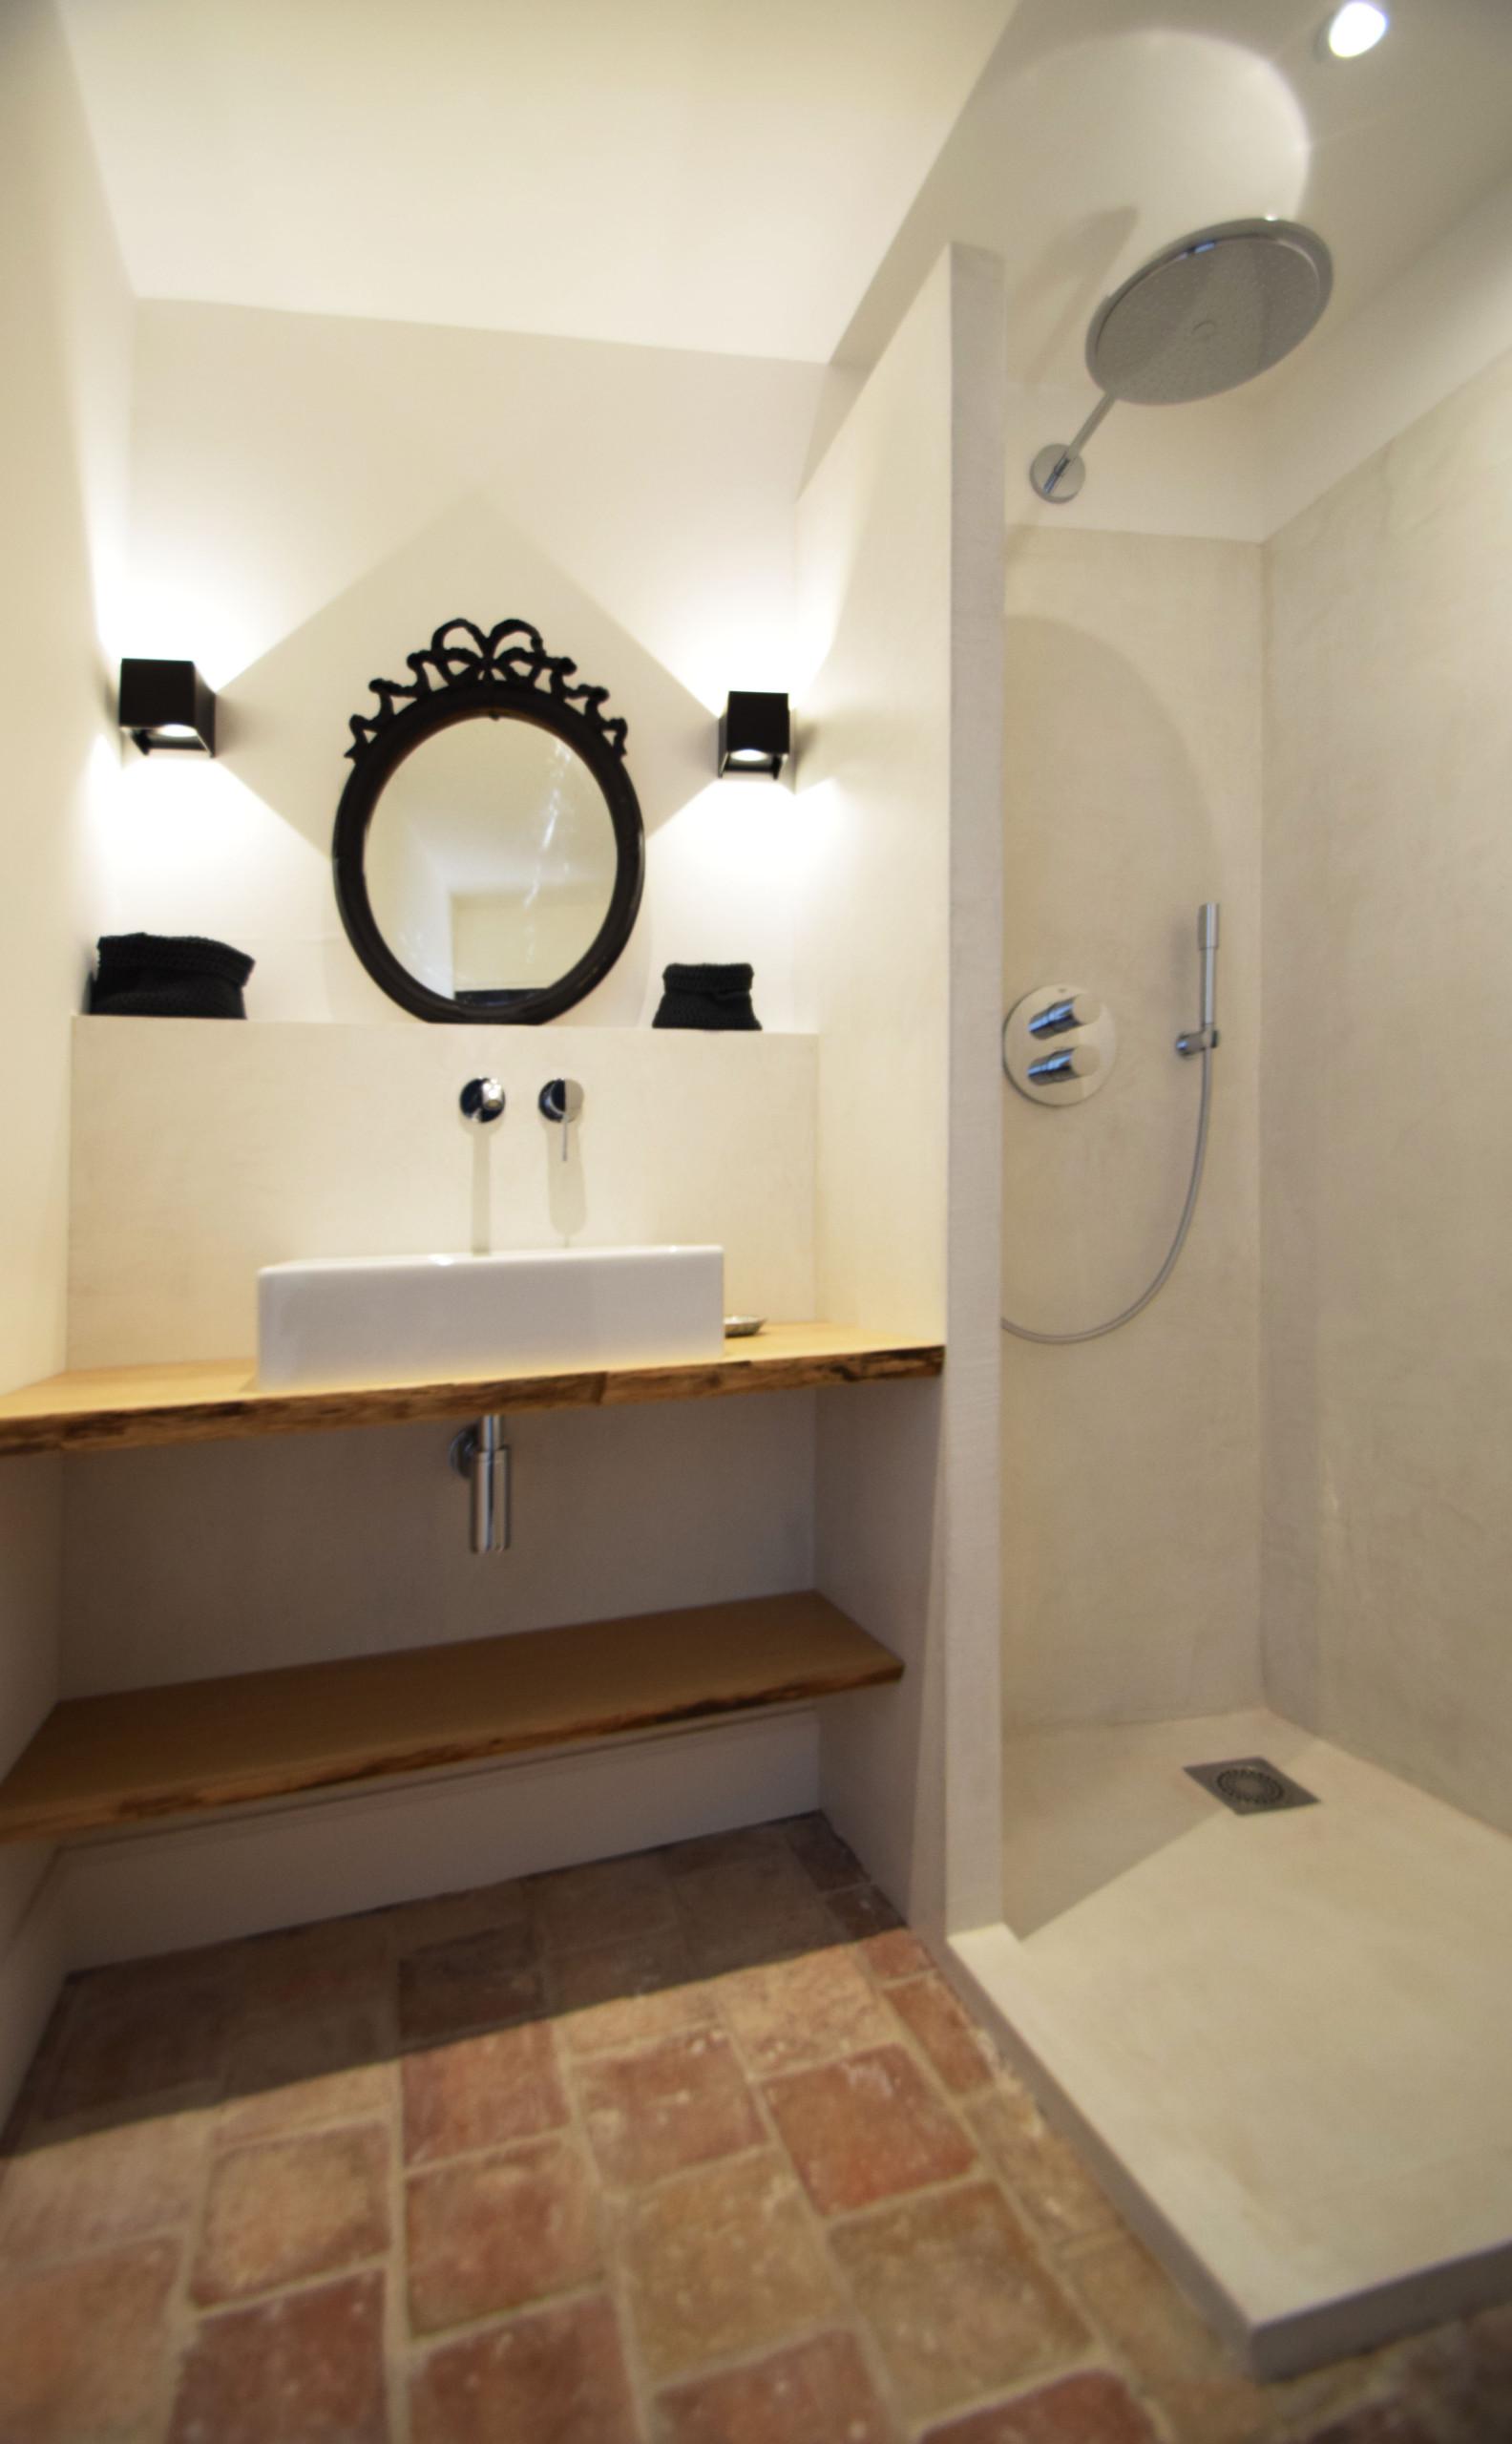 Enduit décoratif lissé sur le receveur et murs intérieurs douche